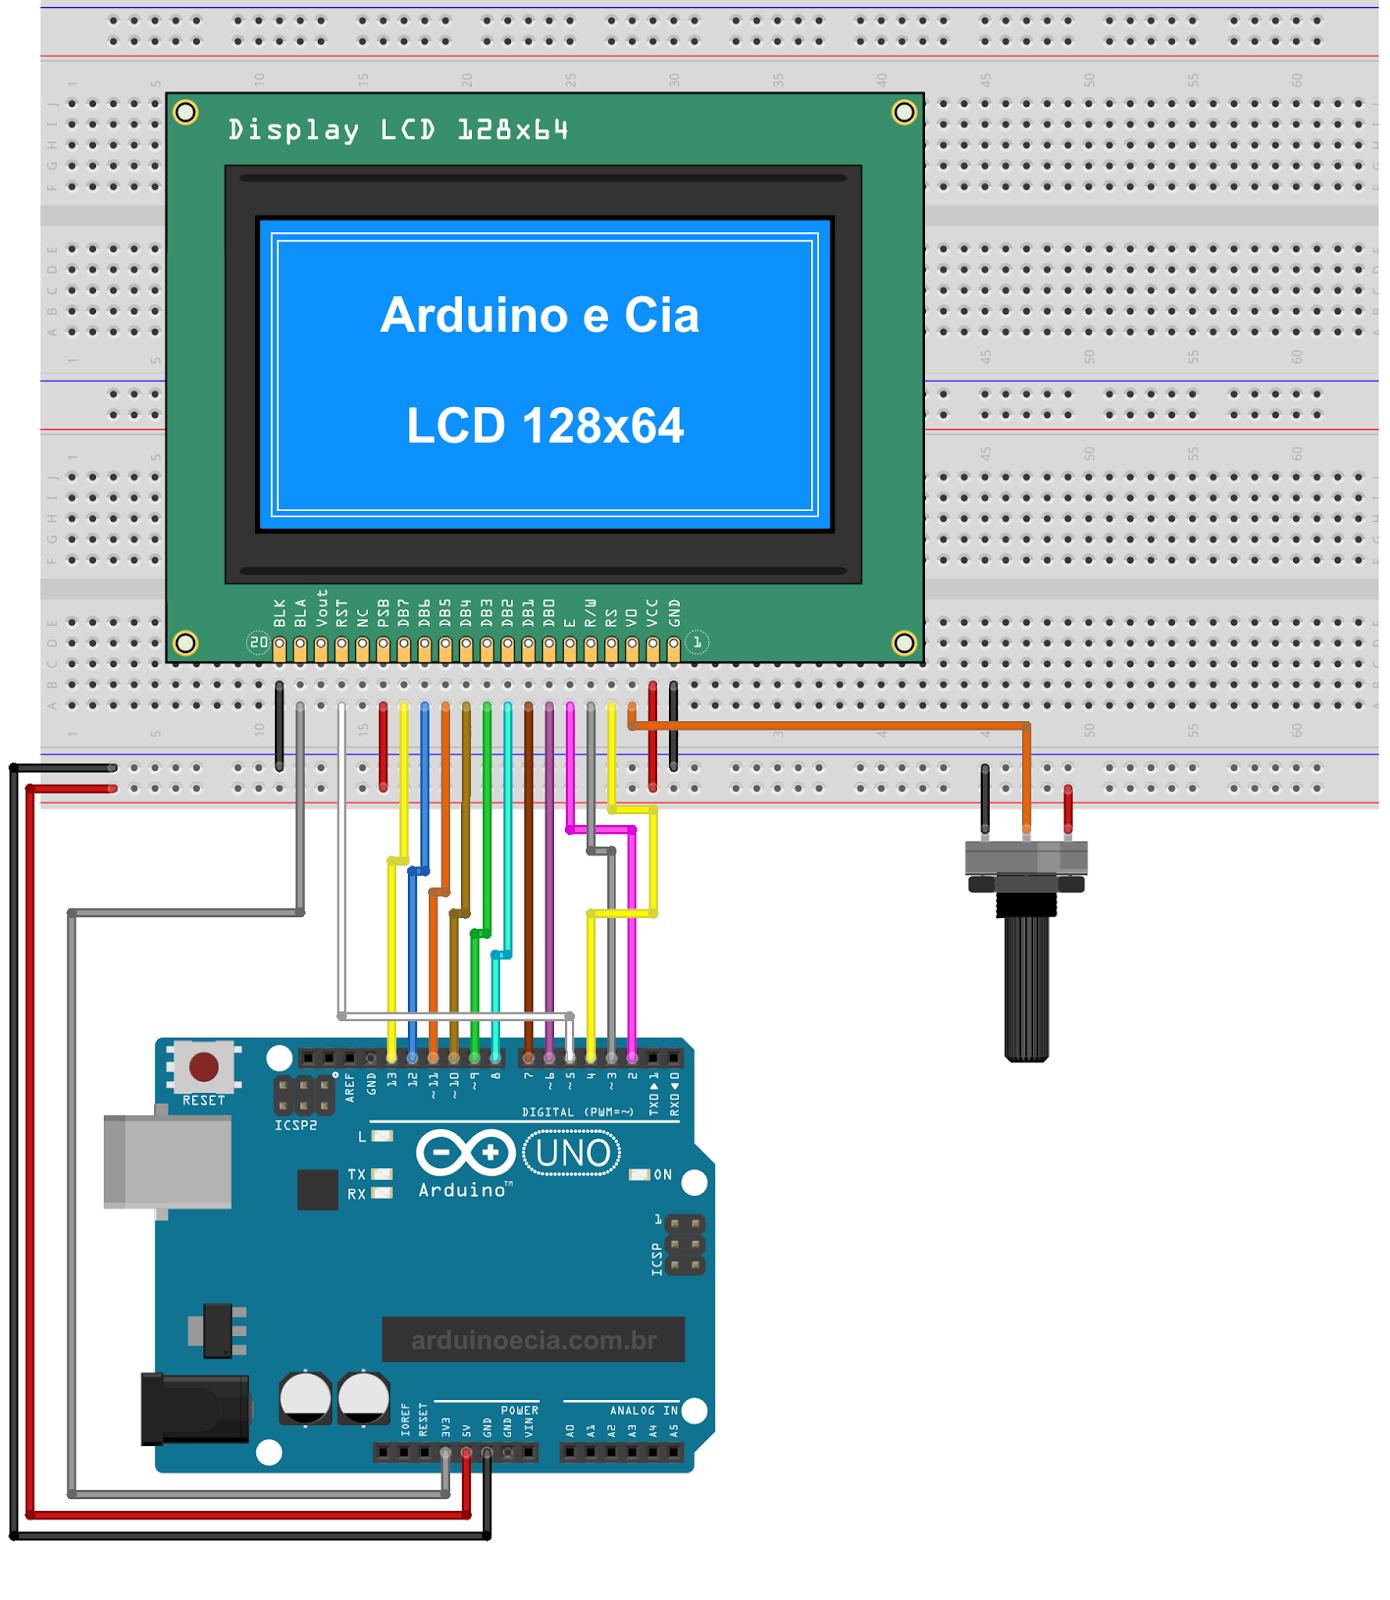 Membuat audiometer audiometri dan mengakses glcd